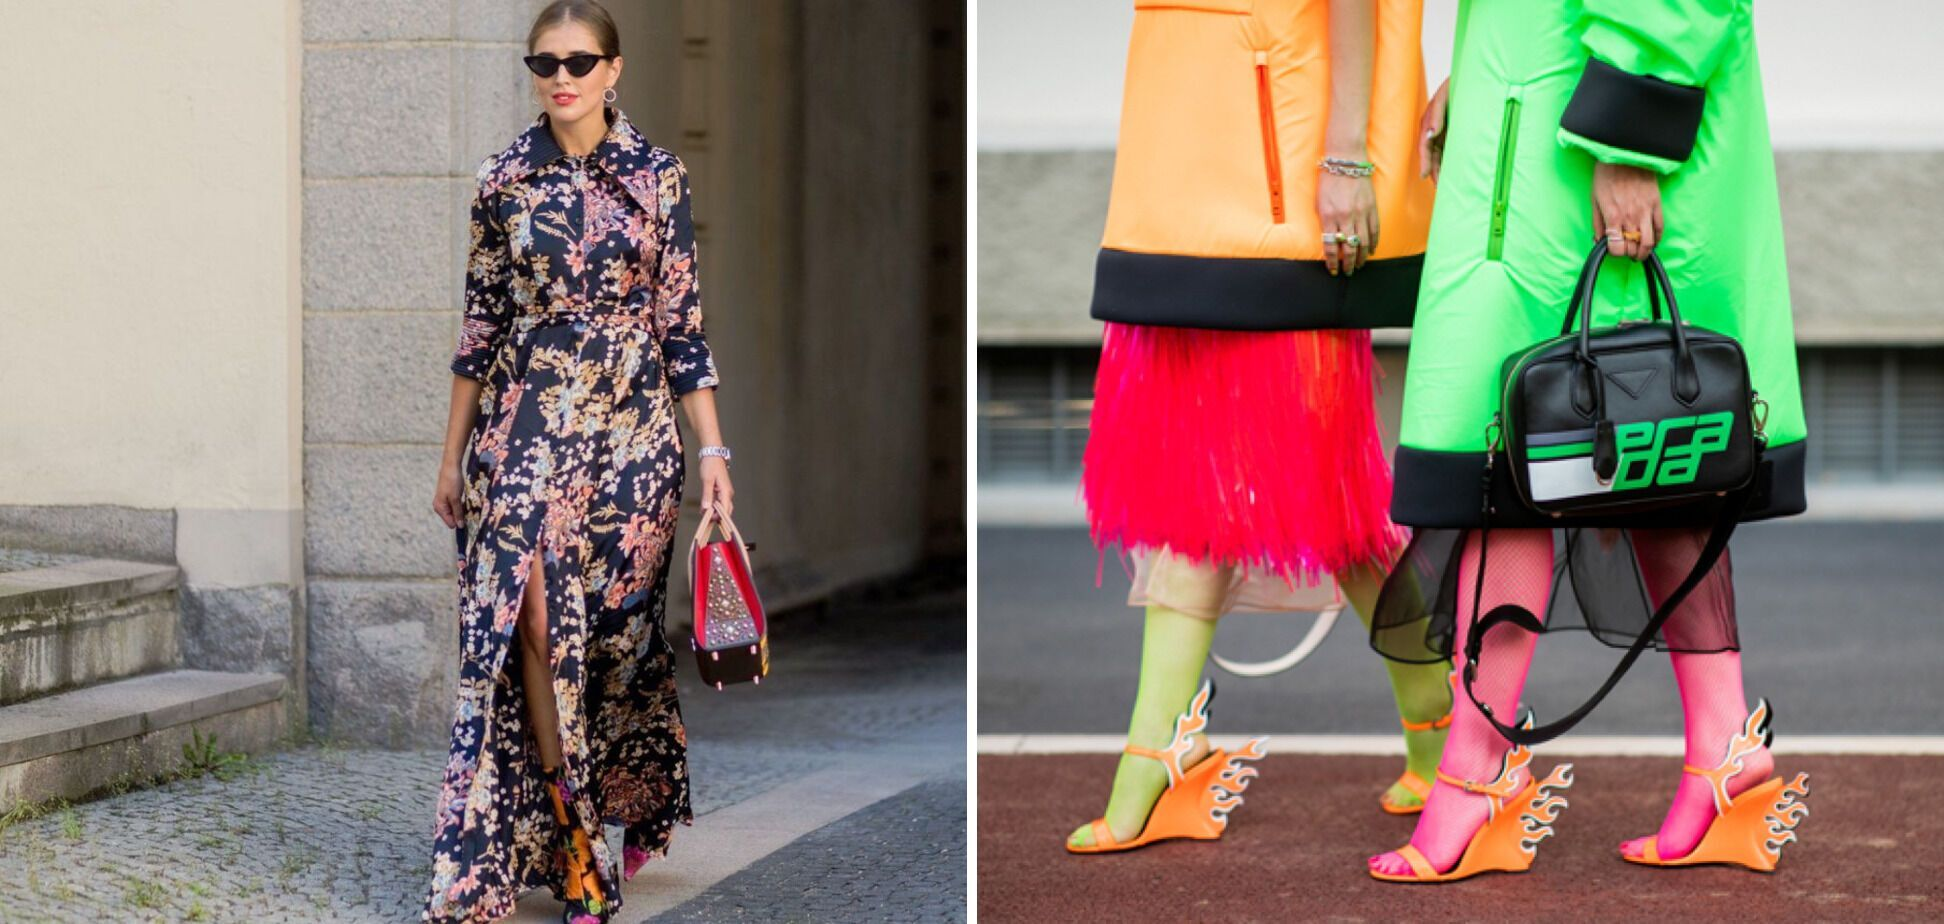 Женщинам за 40 лет нужно отказаться от неоновых цветов в одежде и крупного принта